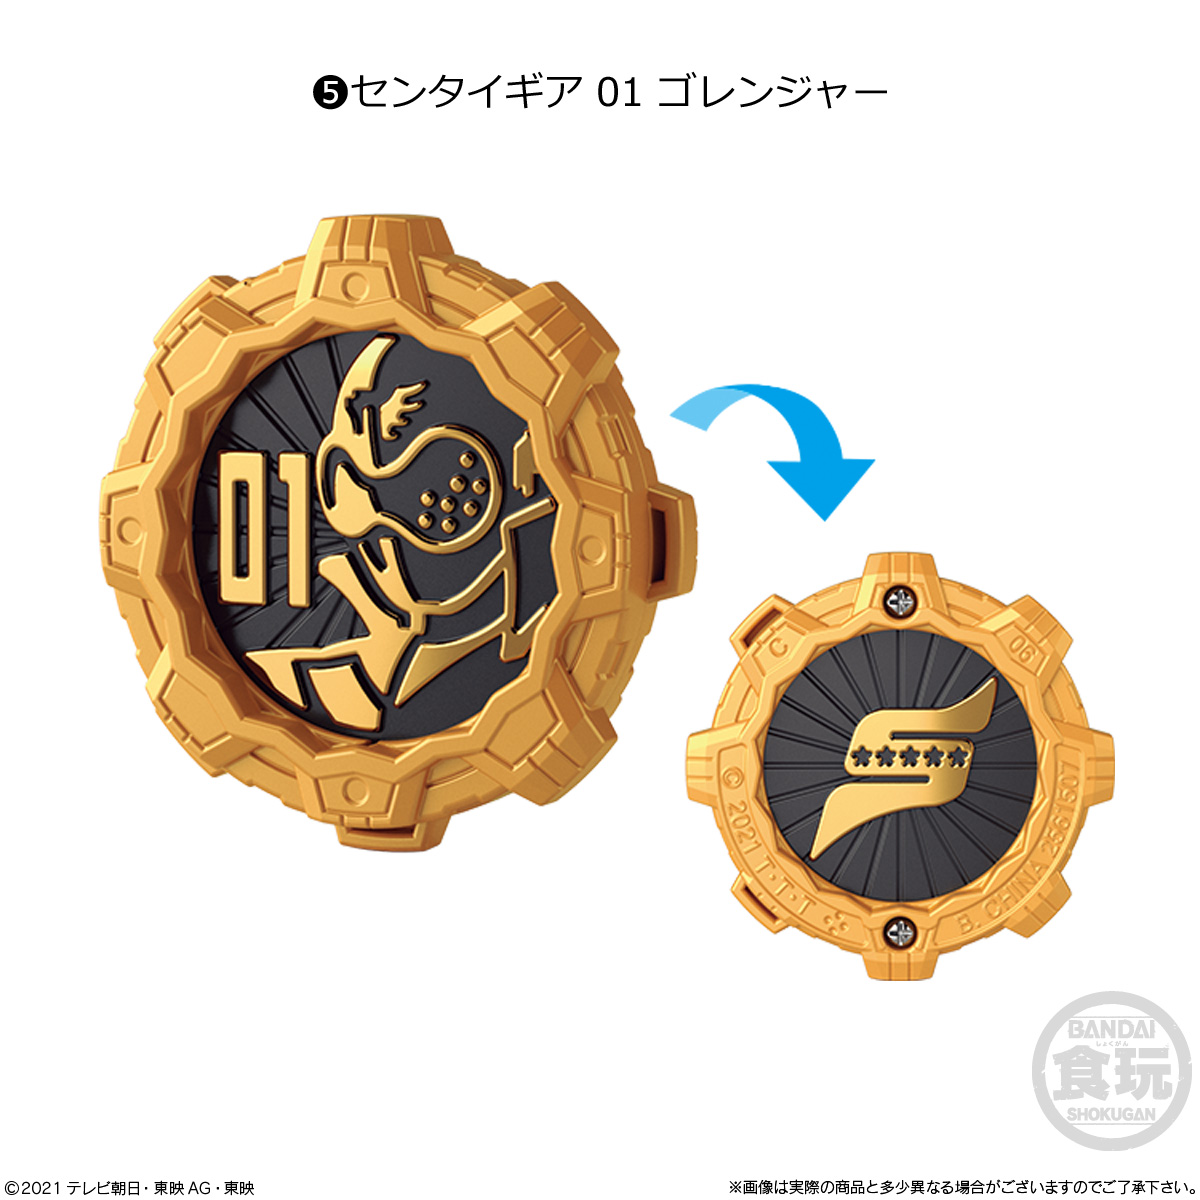 【食玩】機界戦隊ゼンカイジャー『SGセンタイギア01』12個入りBOX-006